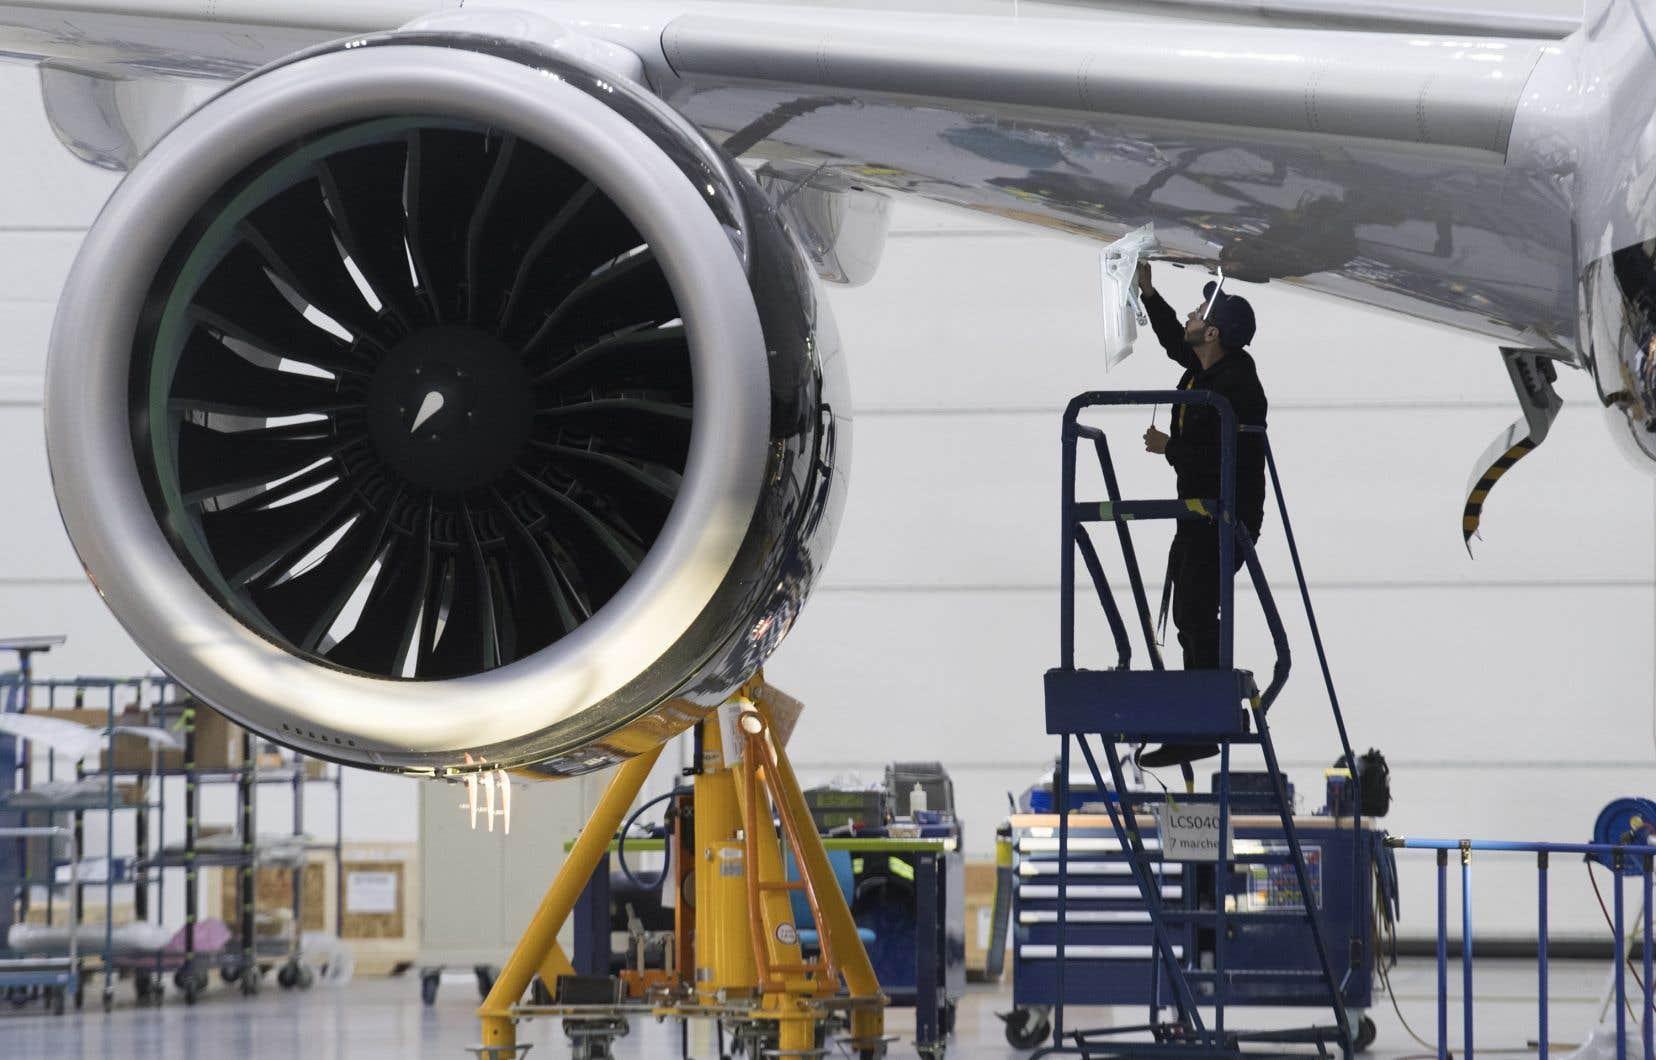 En février dernier, Bombardier avait annoncé qu'elle quittait le programme, contrôlé par Airbus depuis juillet 2018.